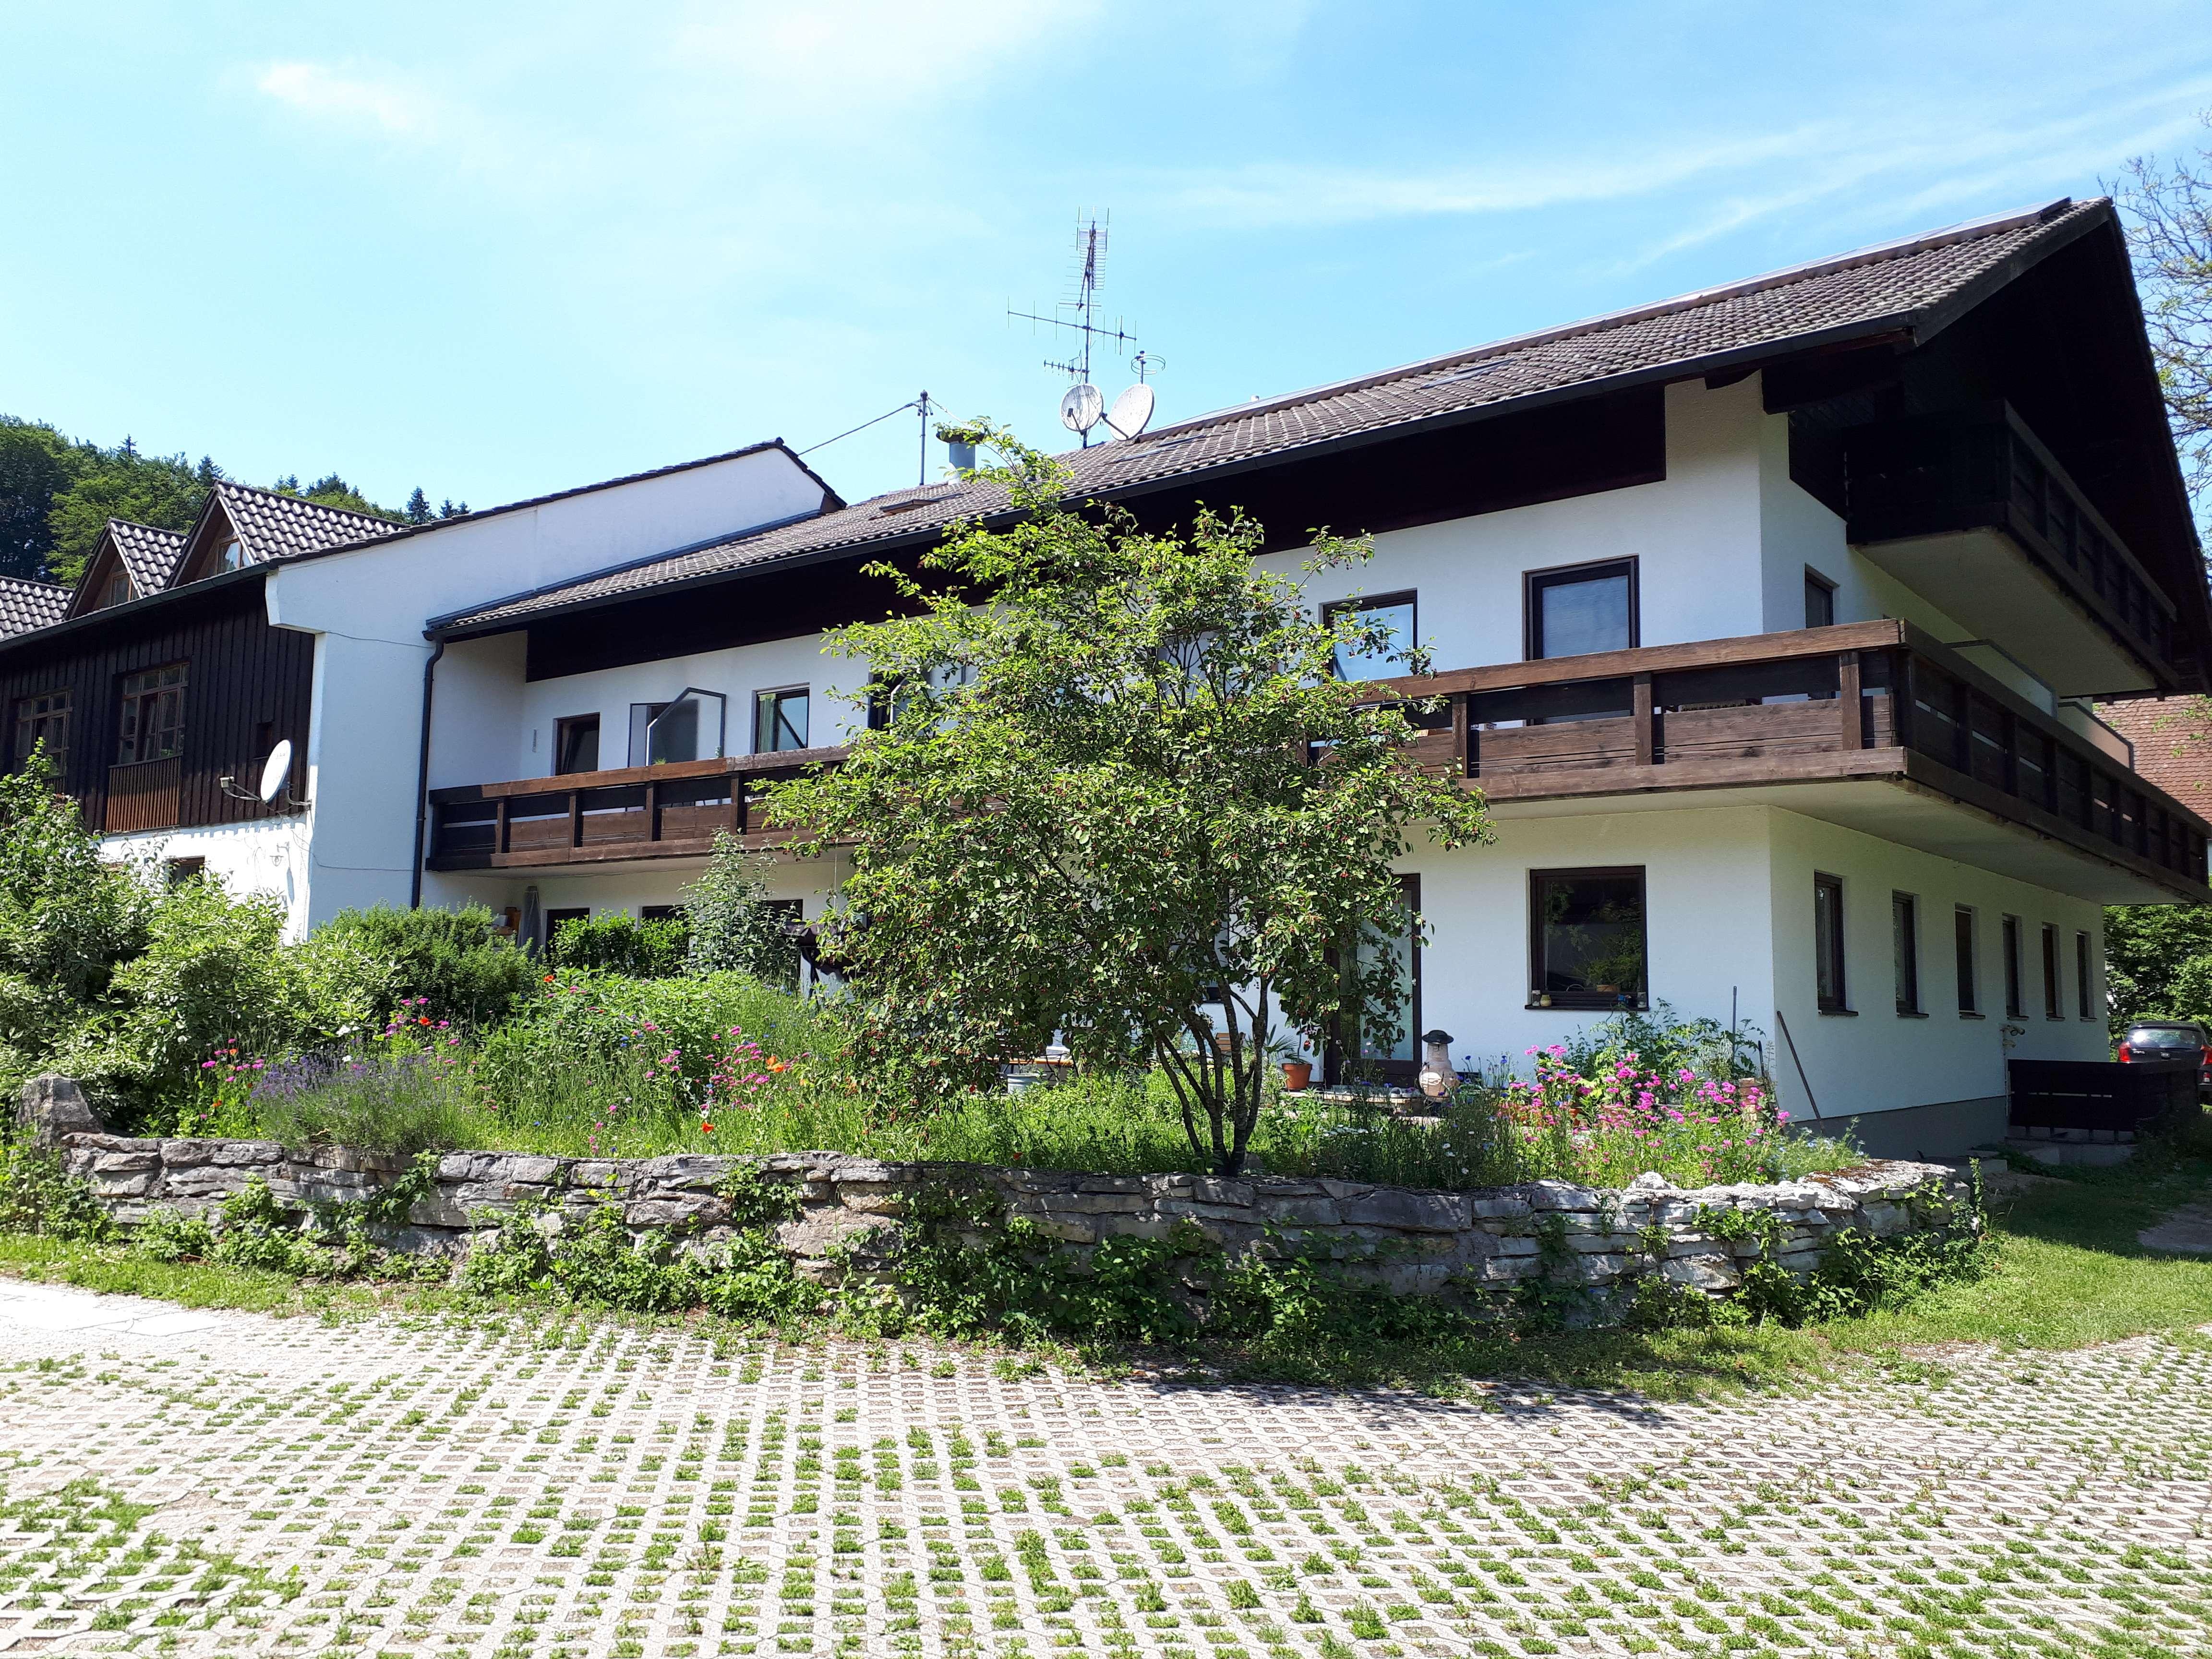 4-Zimmer Dachgeschosswohnung mit Balkon bei Wasserburg in Soyen